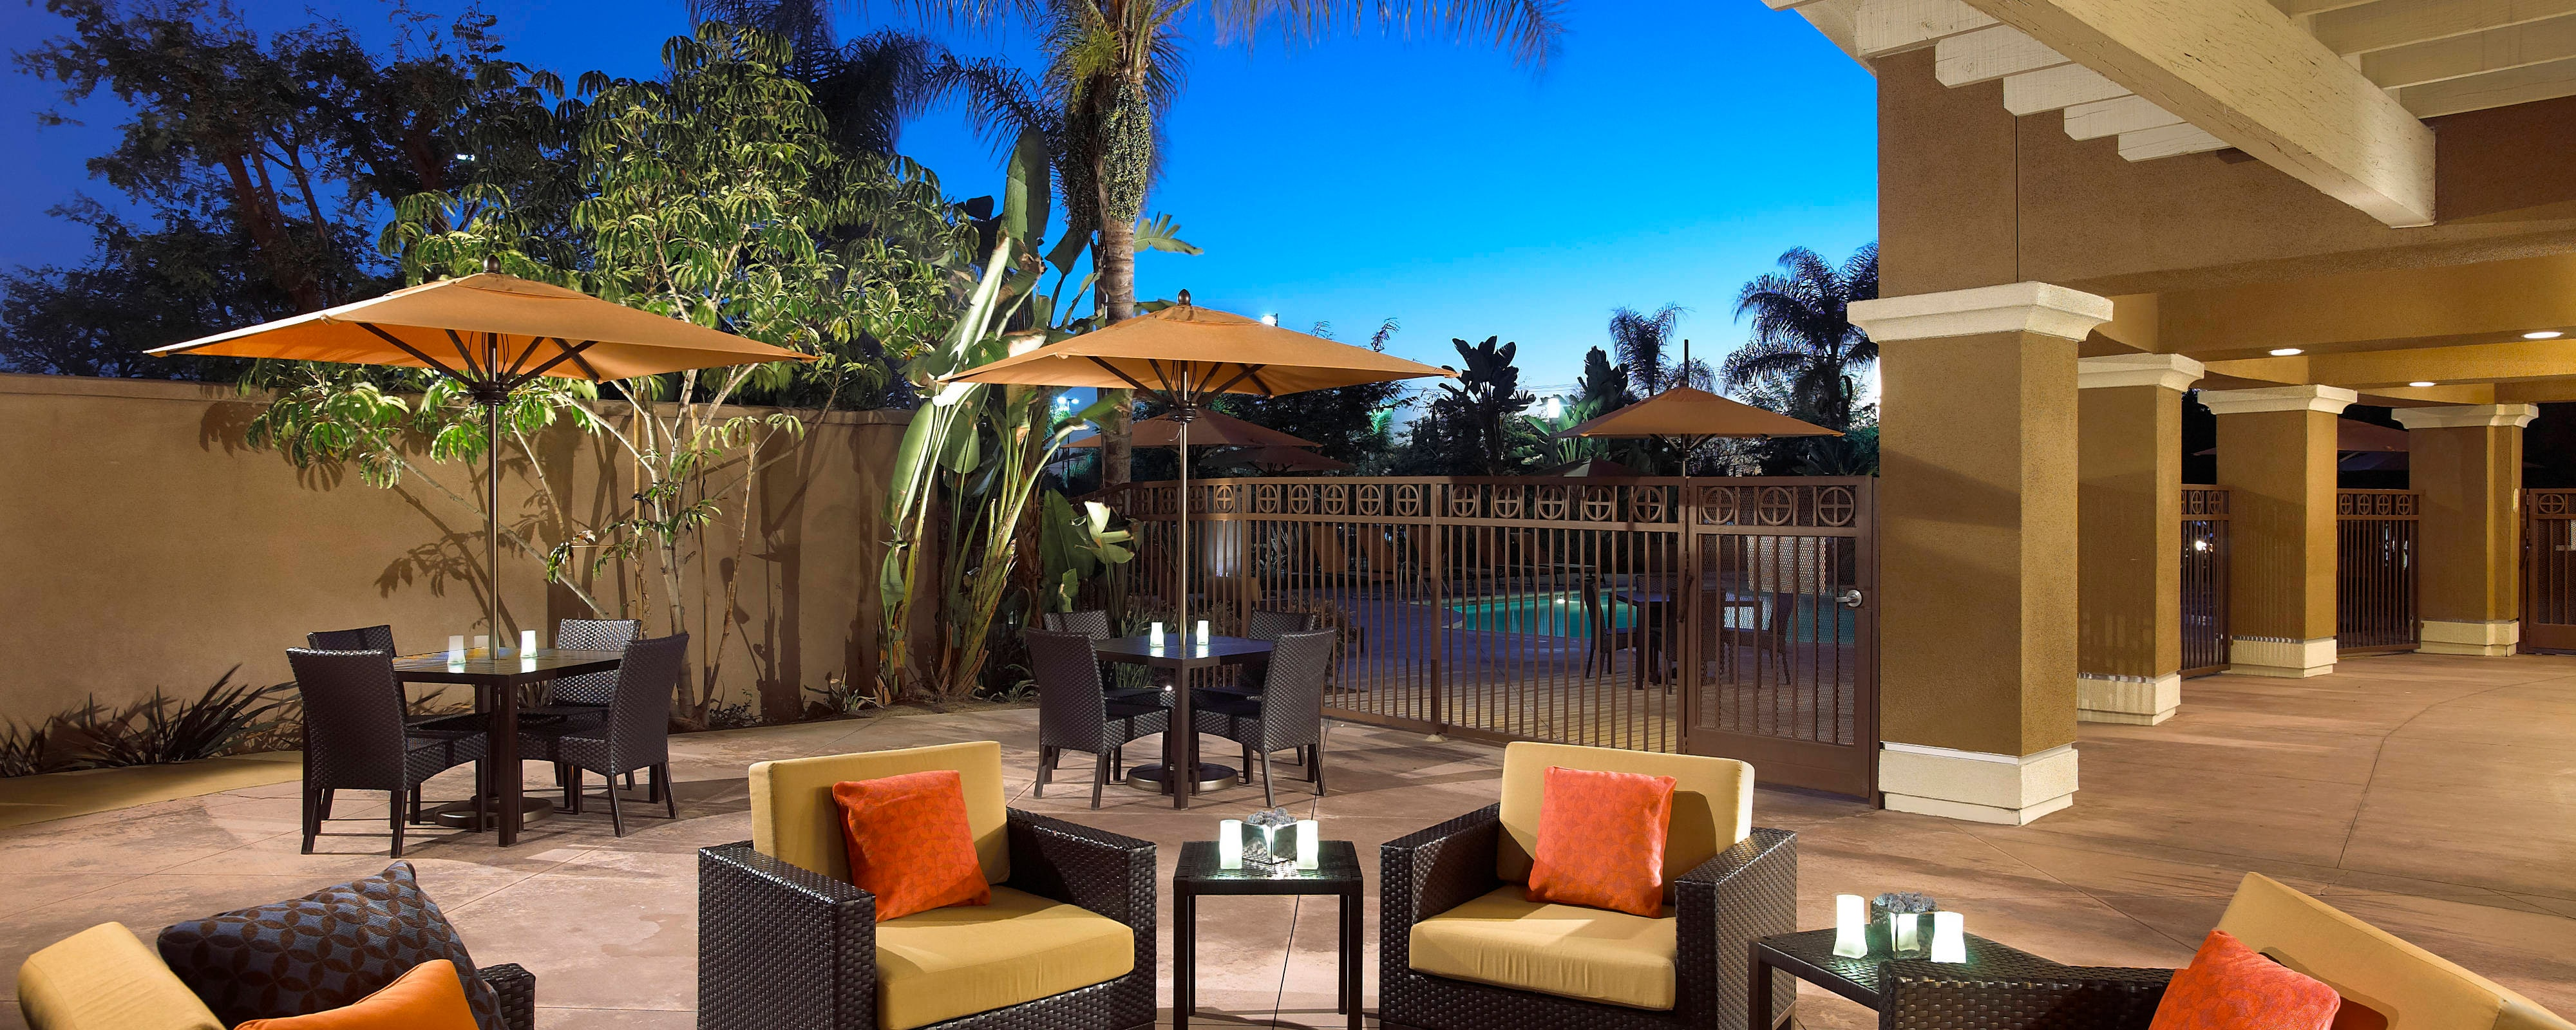 Family Disneyland Anaheim Hotels   Courtyard Anaheim Resort ...